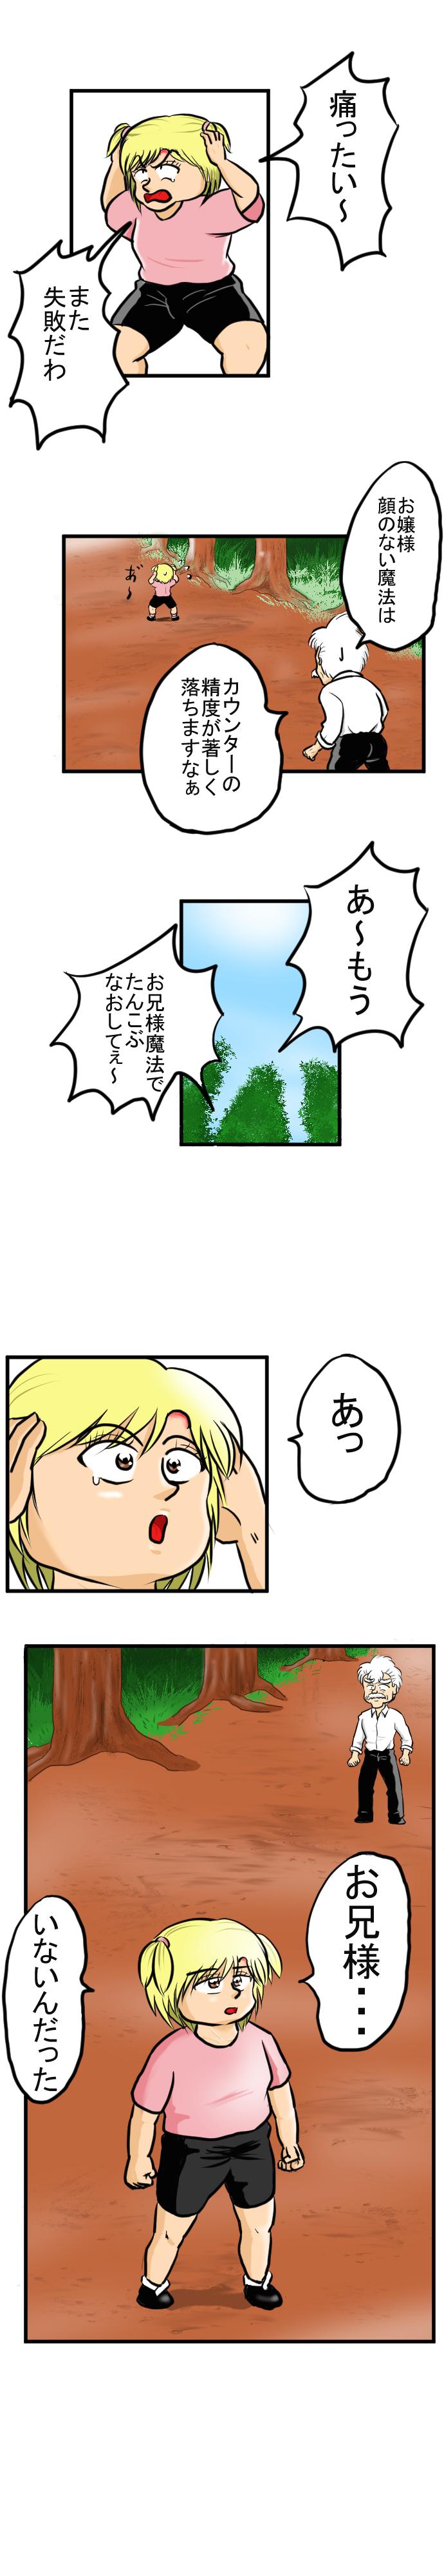 魔女コン第2部